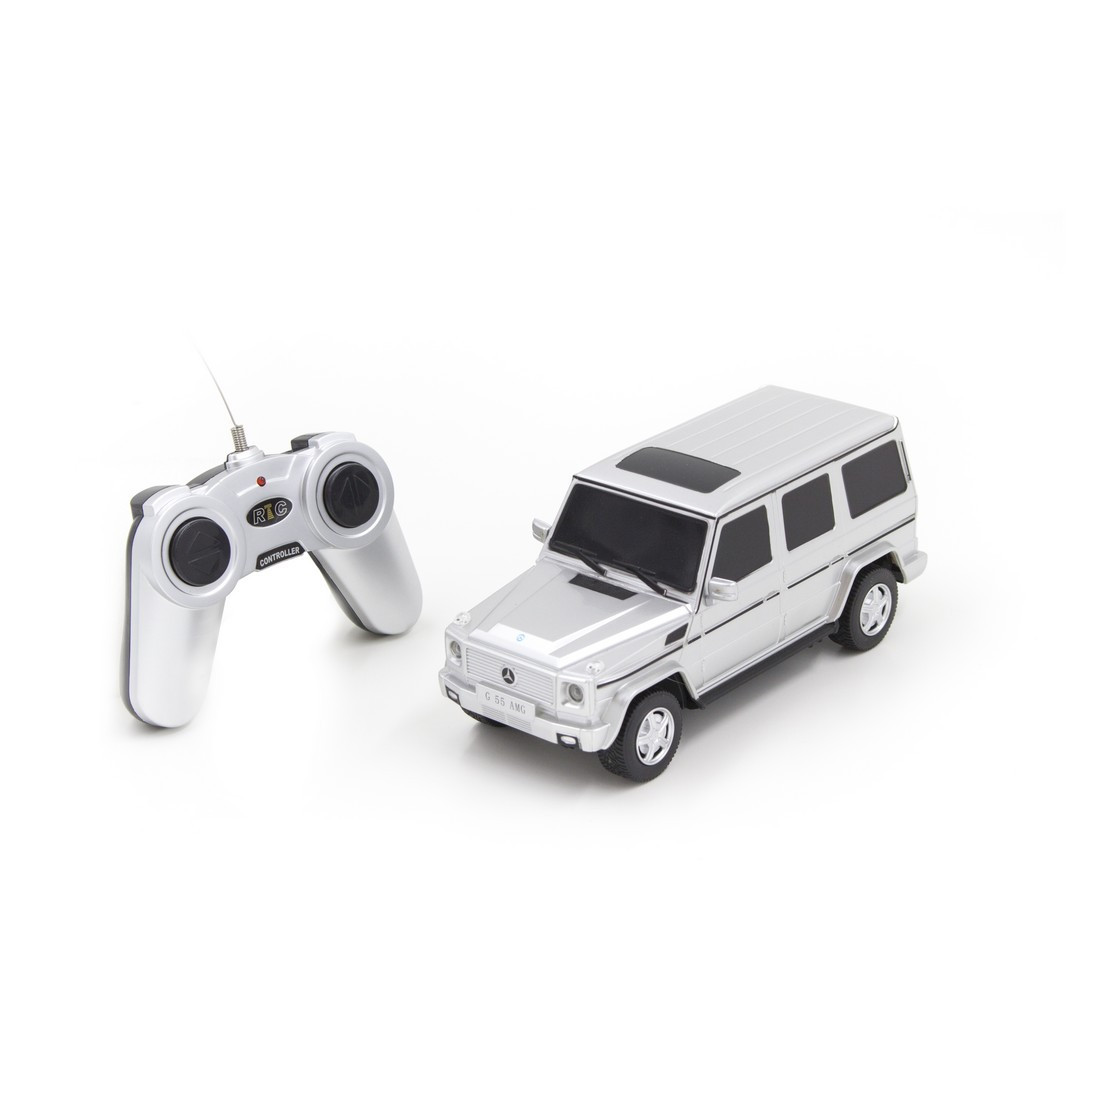 Радиоуправляемая модель автомобиль Rastar Mercedes-Benz G55 AMG Geländewagen, 1:24, Управление: Джойстик, Мате